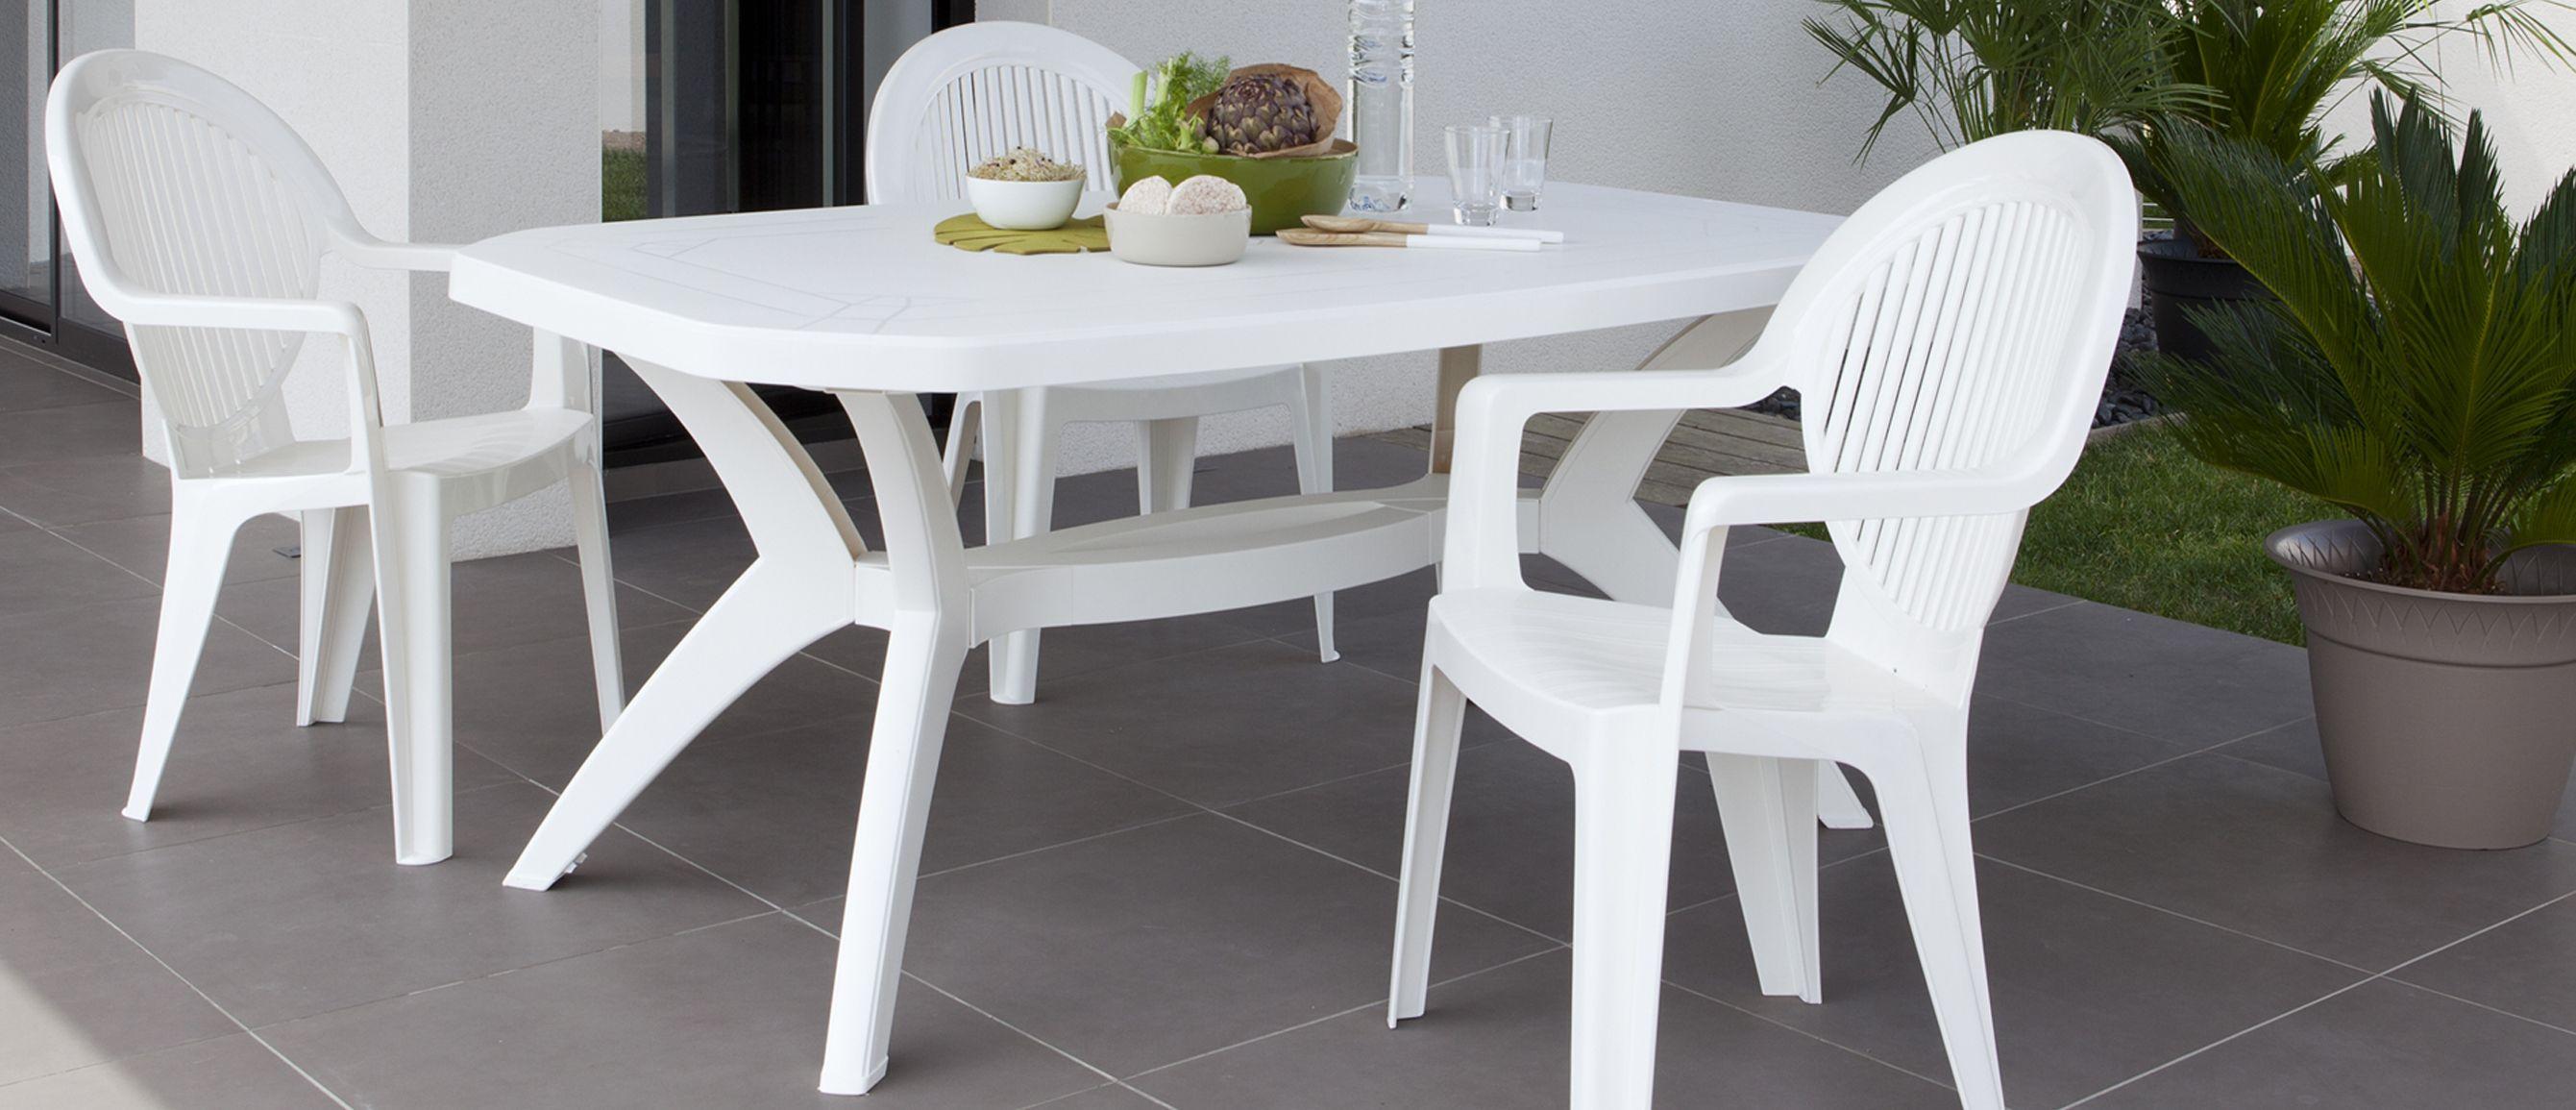 Comment Nettoyer Des Fauteuils De Jardin En Plastique Blanc